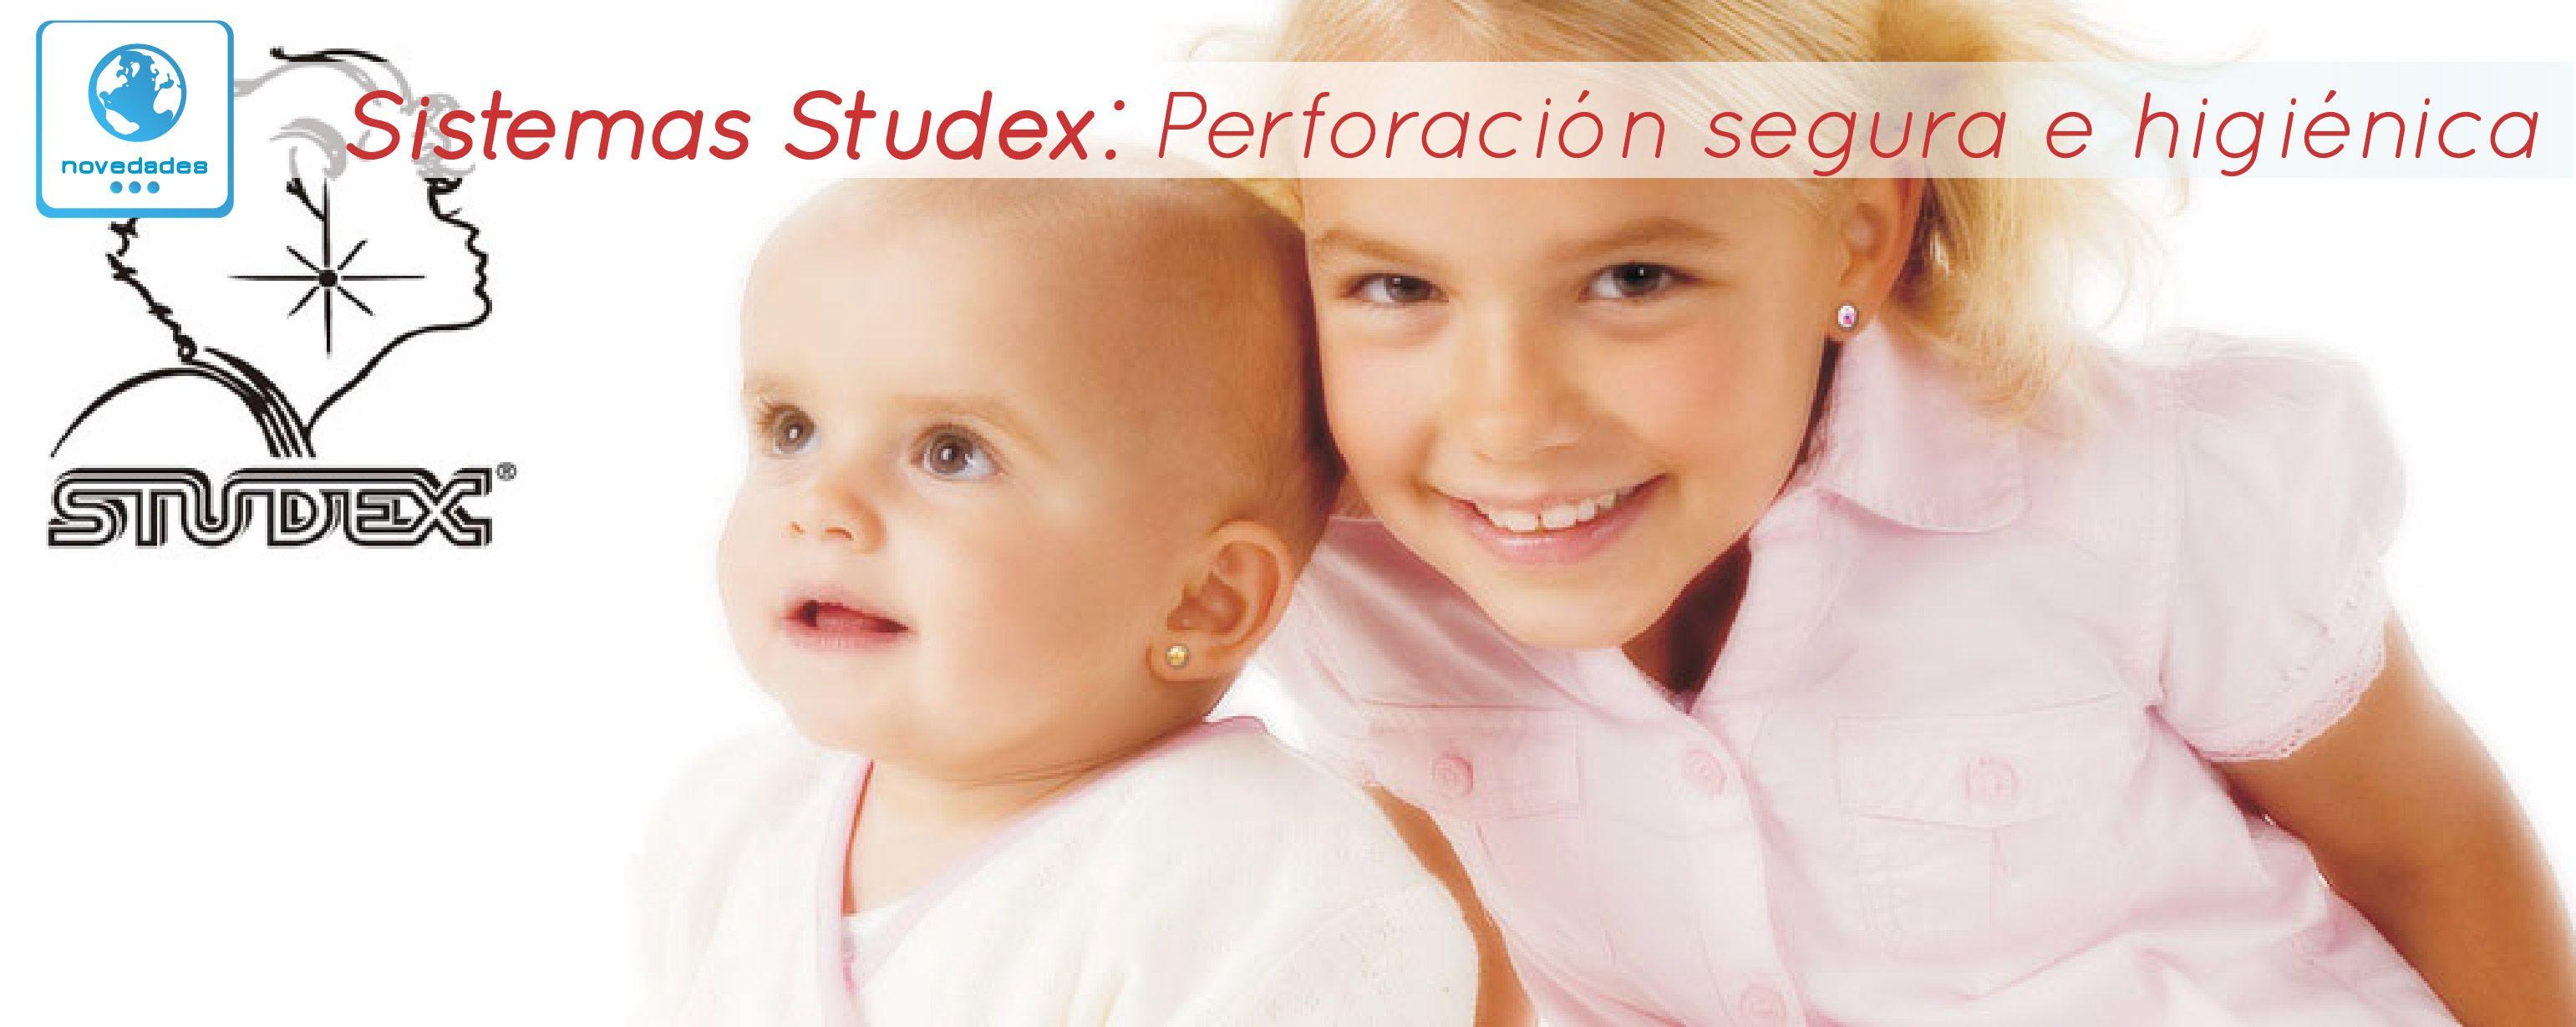 Sistema Perforación Studex Perforación Segura E Higiénica Desde El Mes De Diciembre Contamos En Nuestra Farmacia Co Perforaciones Tendencias De Moda Niños